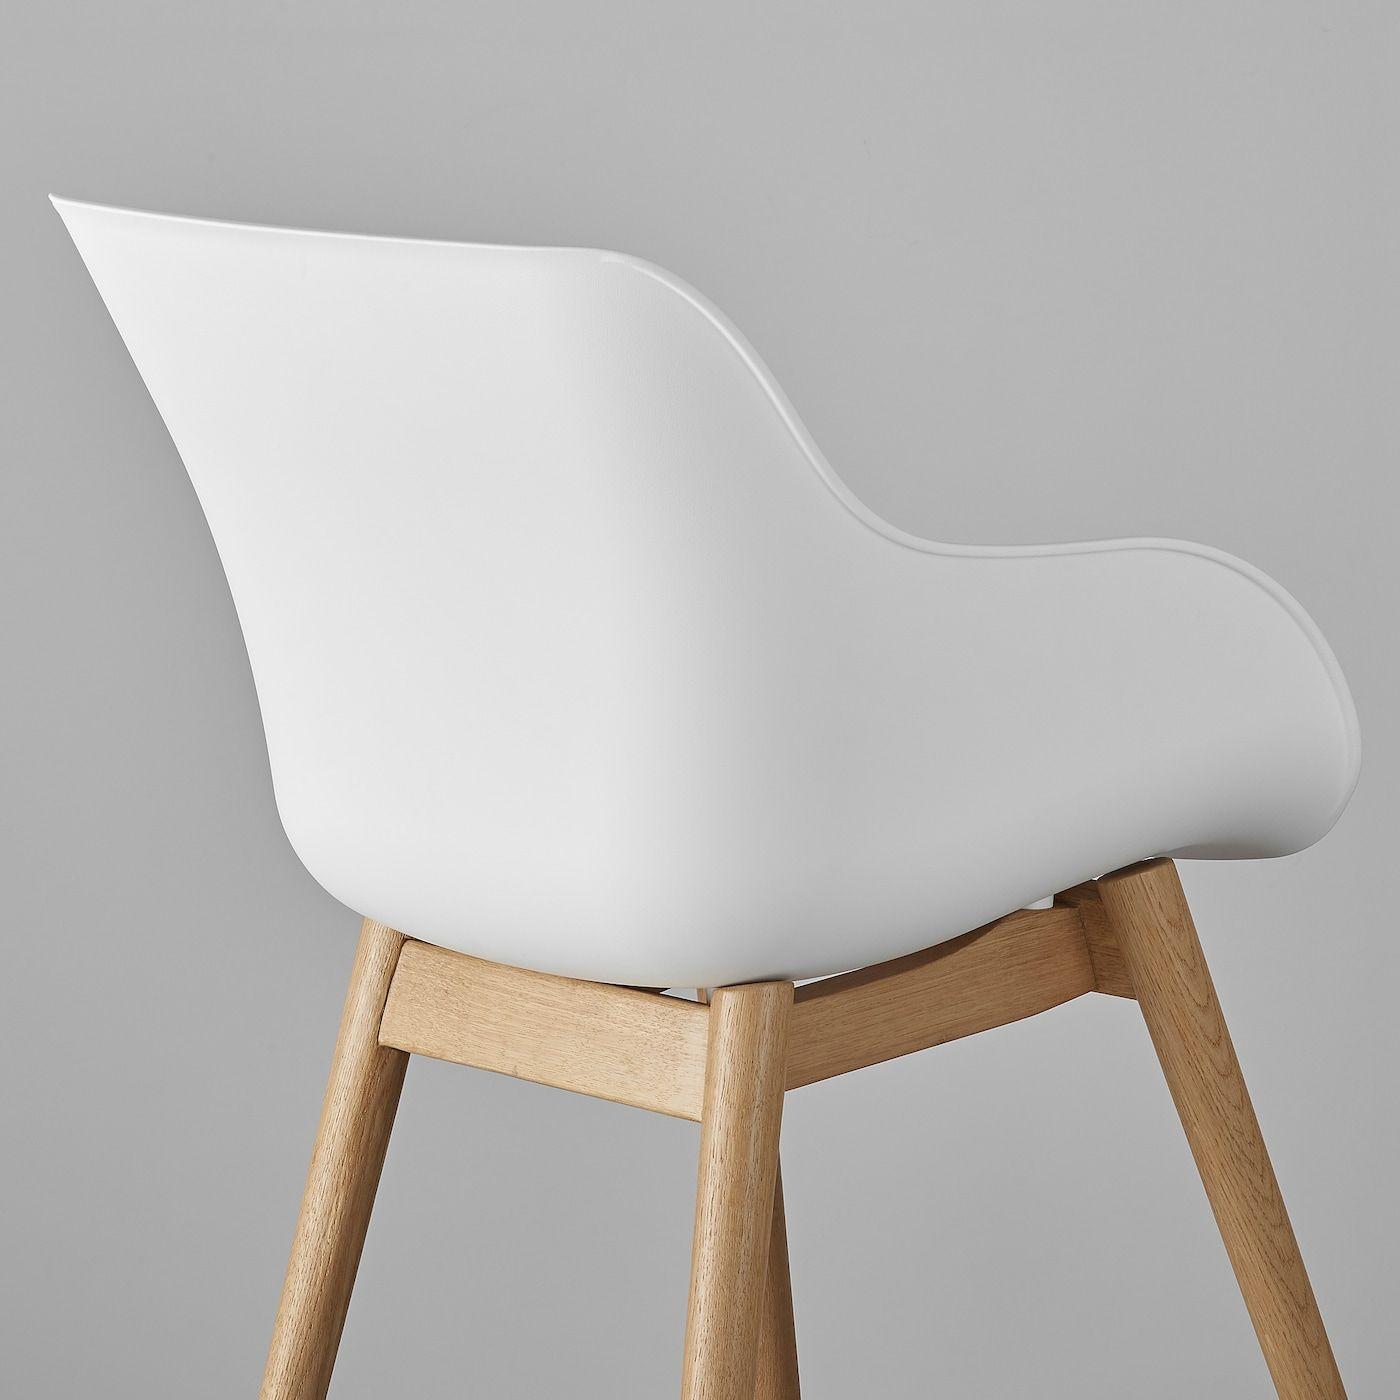 weißEicheWeiße stühleStühle und Stuhl TORVID Ikea CxBsQdhrto